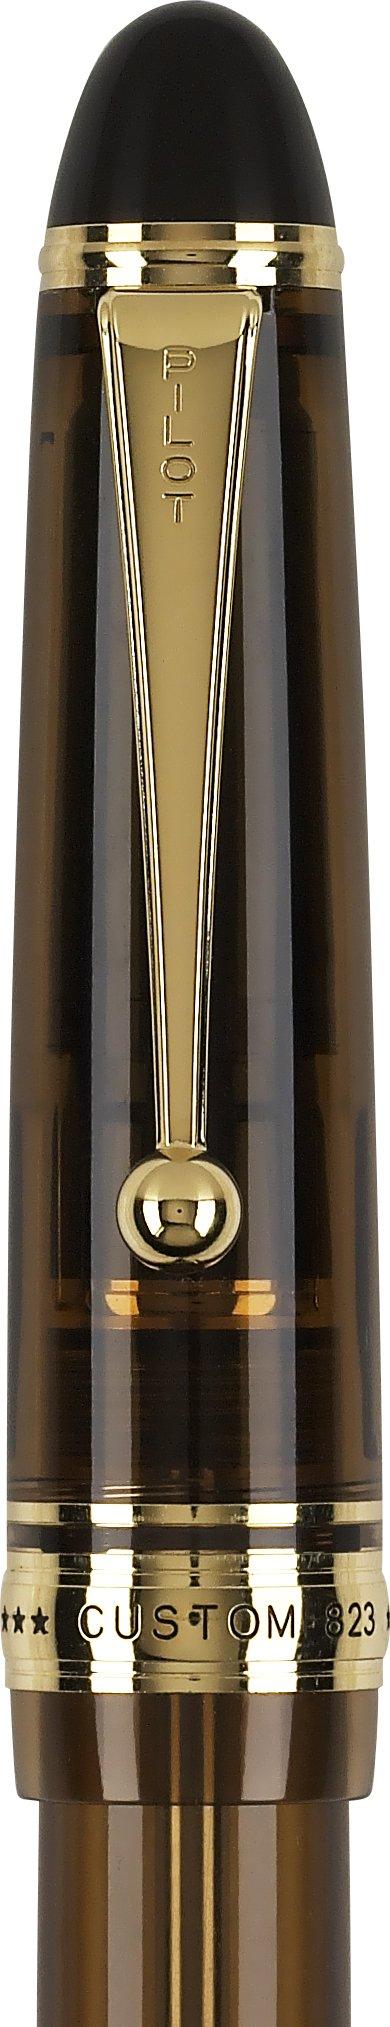 Pilot Custom 823 Fountain Pen, Amber Barrel, Blue Ink, Medium Nib (60556) by Pilot (Image #5)